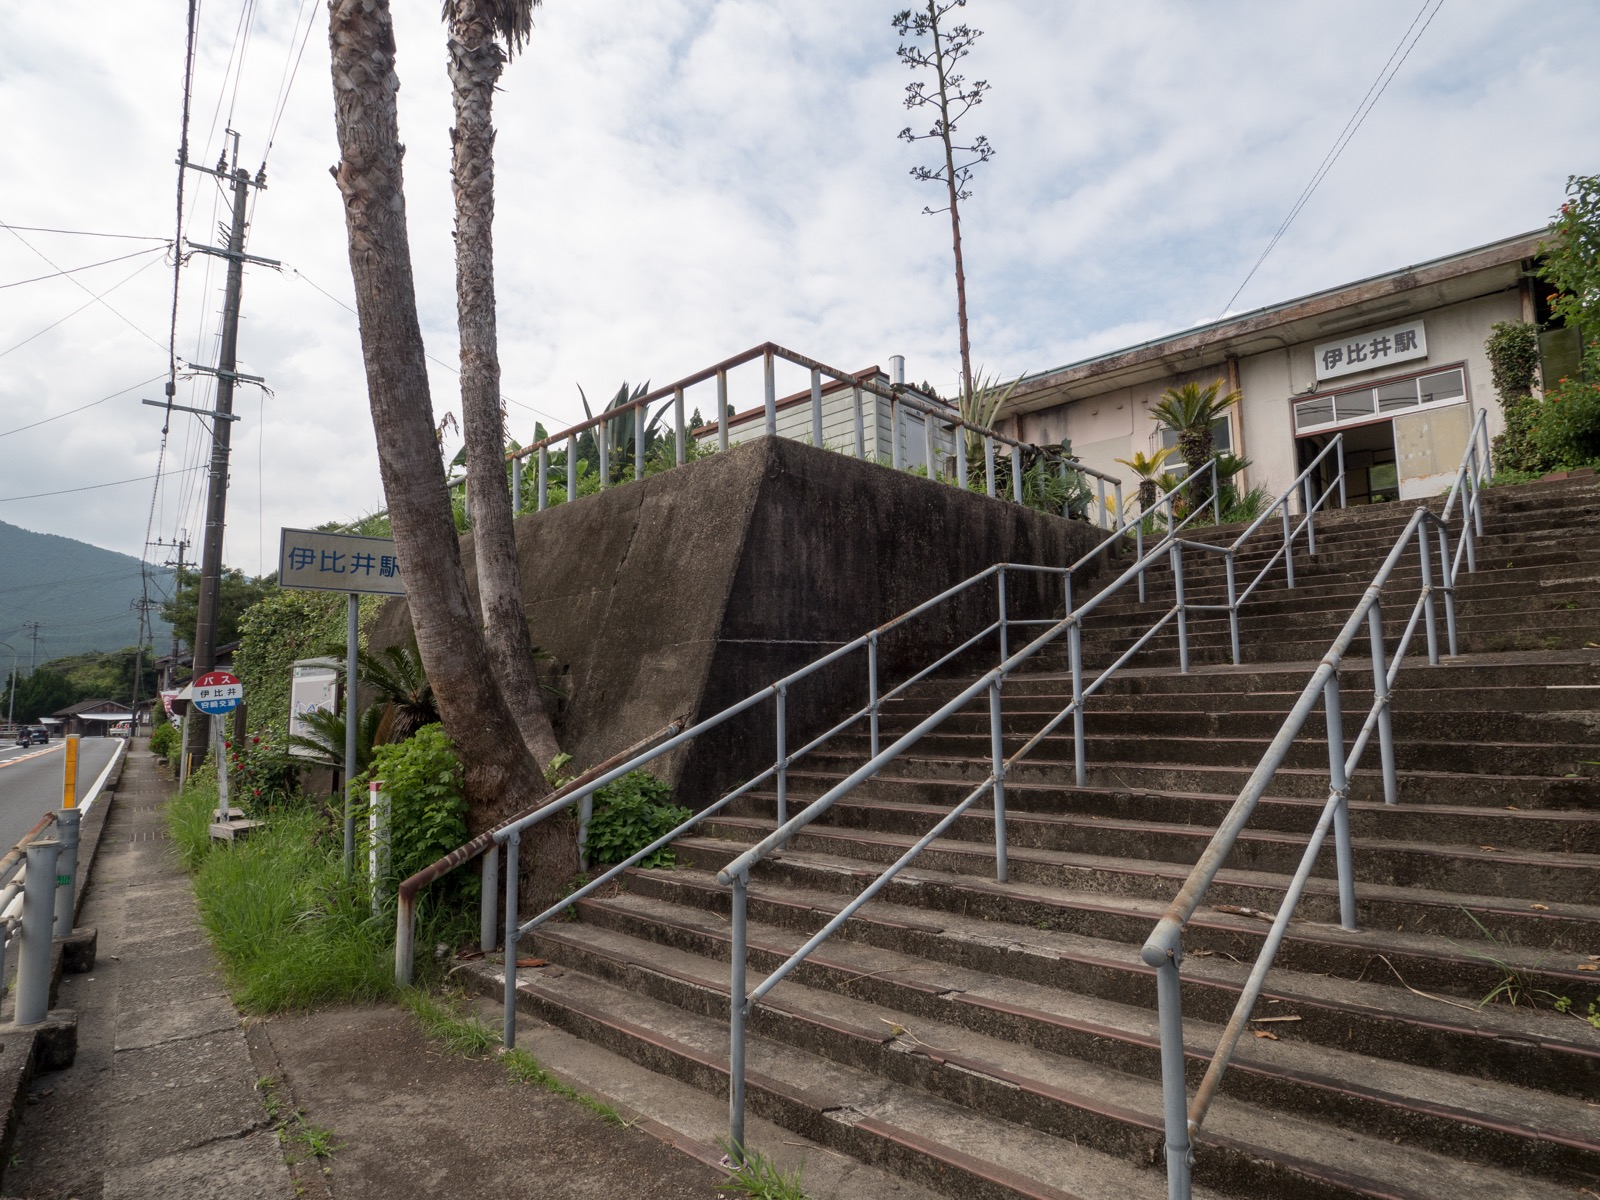 伊比井駅の駅舎と国道220号線